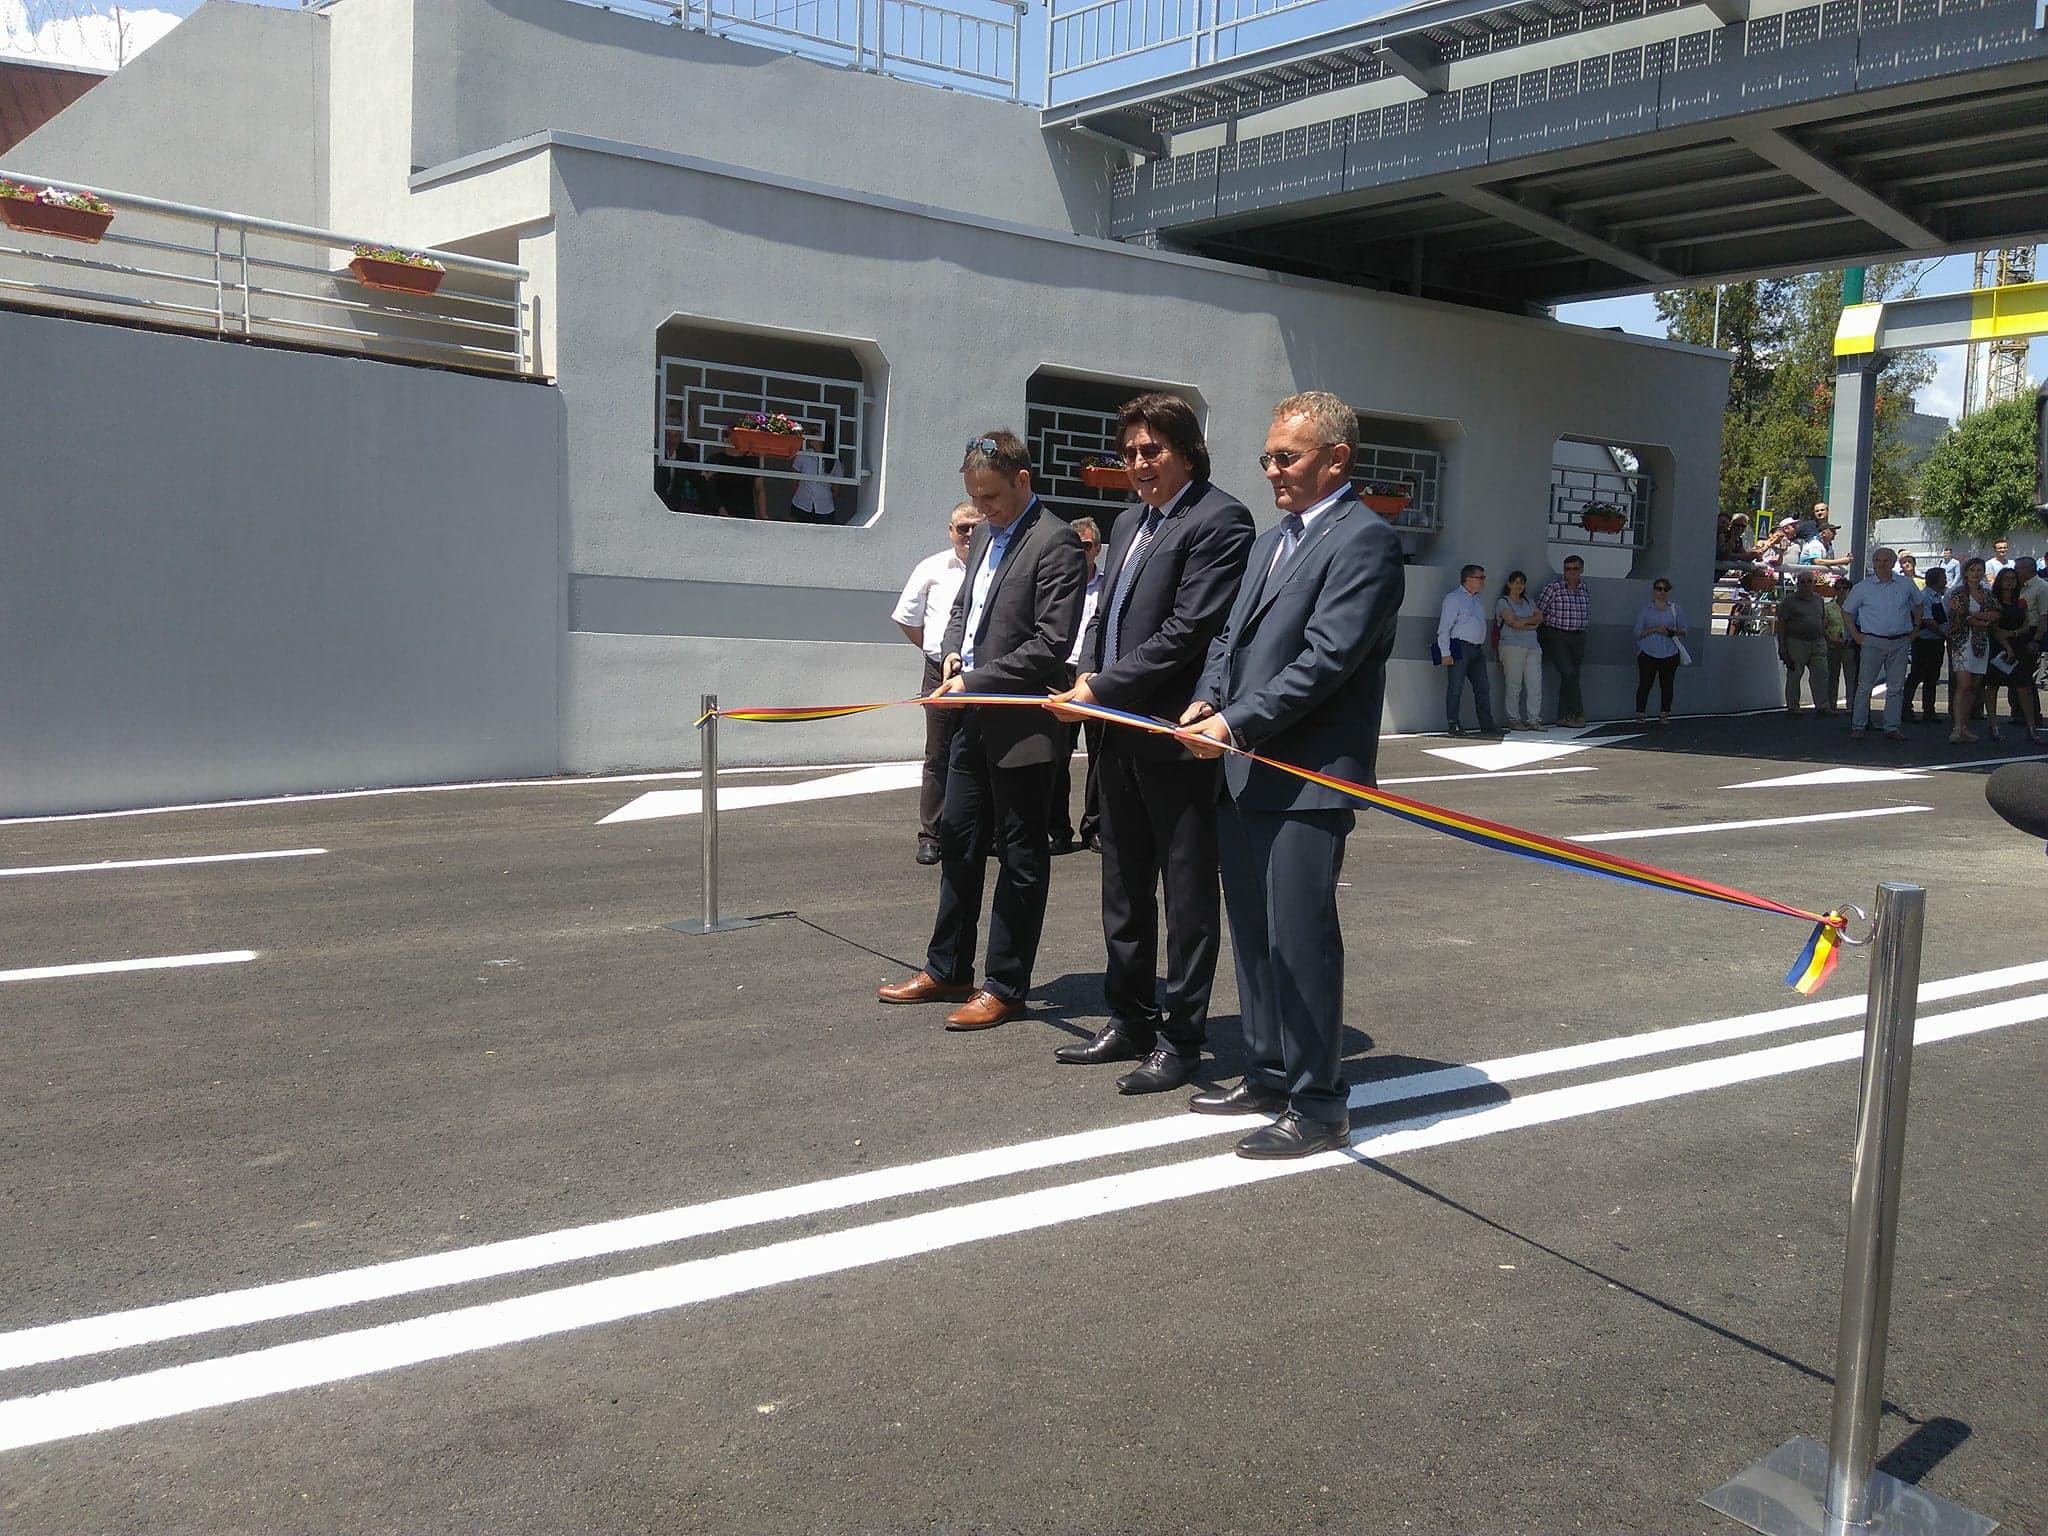 Marcaje rutiere întortocheate într-o intersecţie care a fost inaugurată în Timişoara